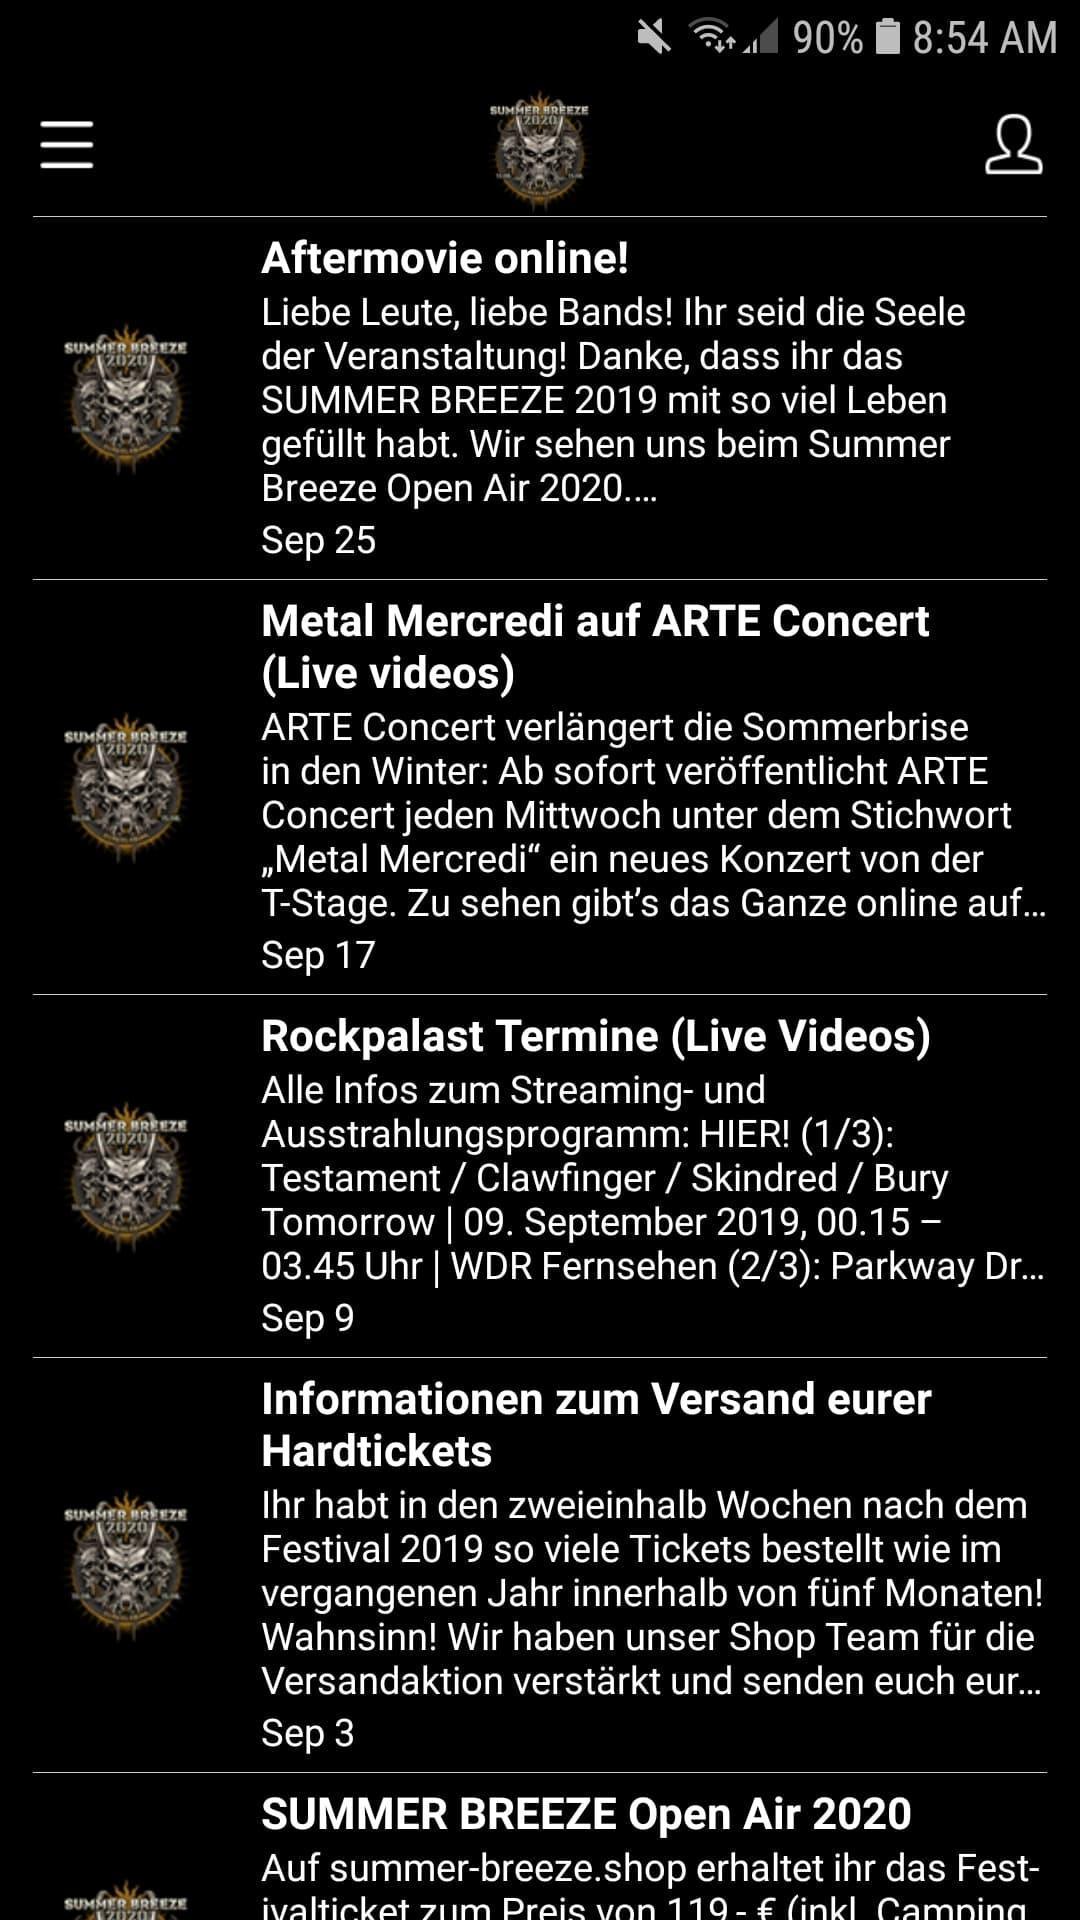 summer breeze 2019 live stream